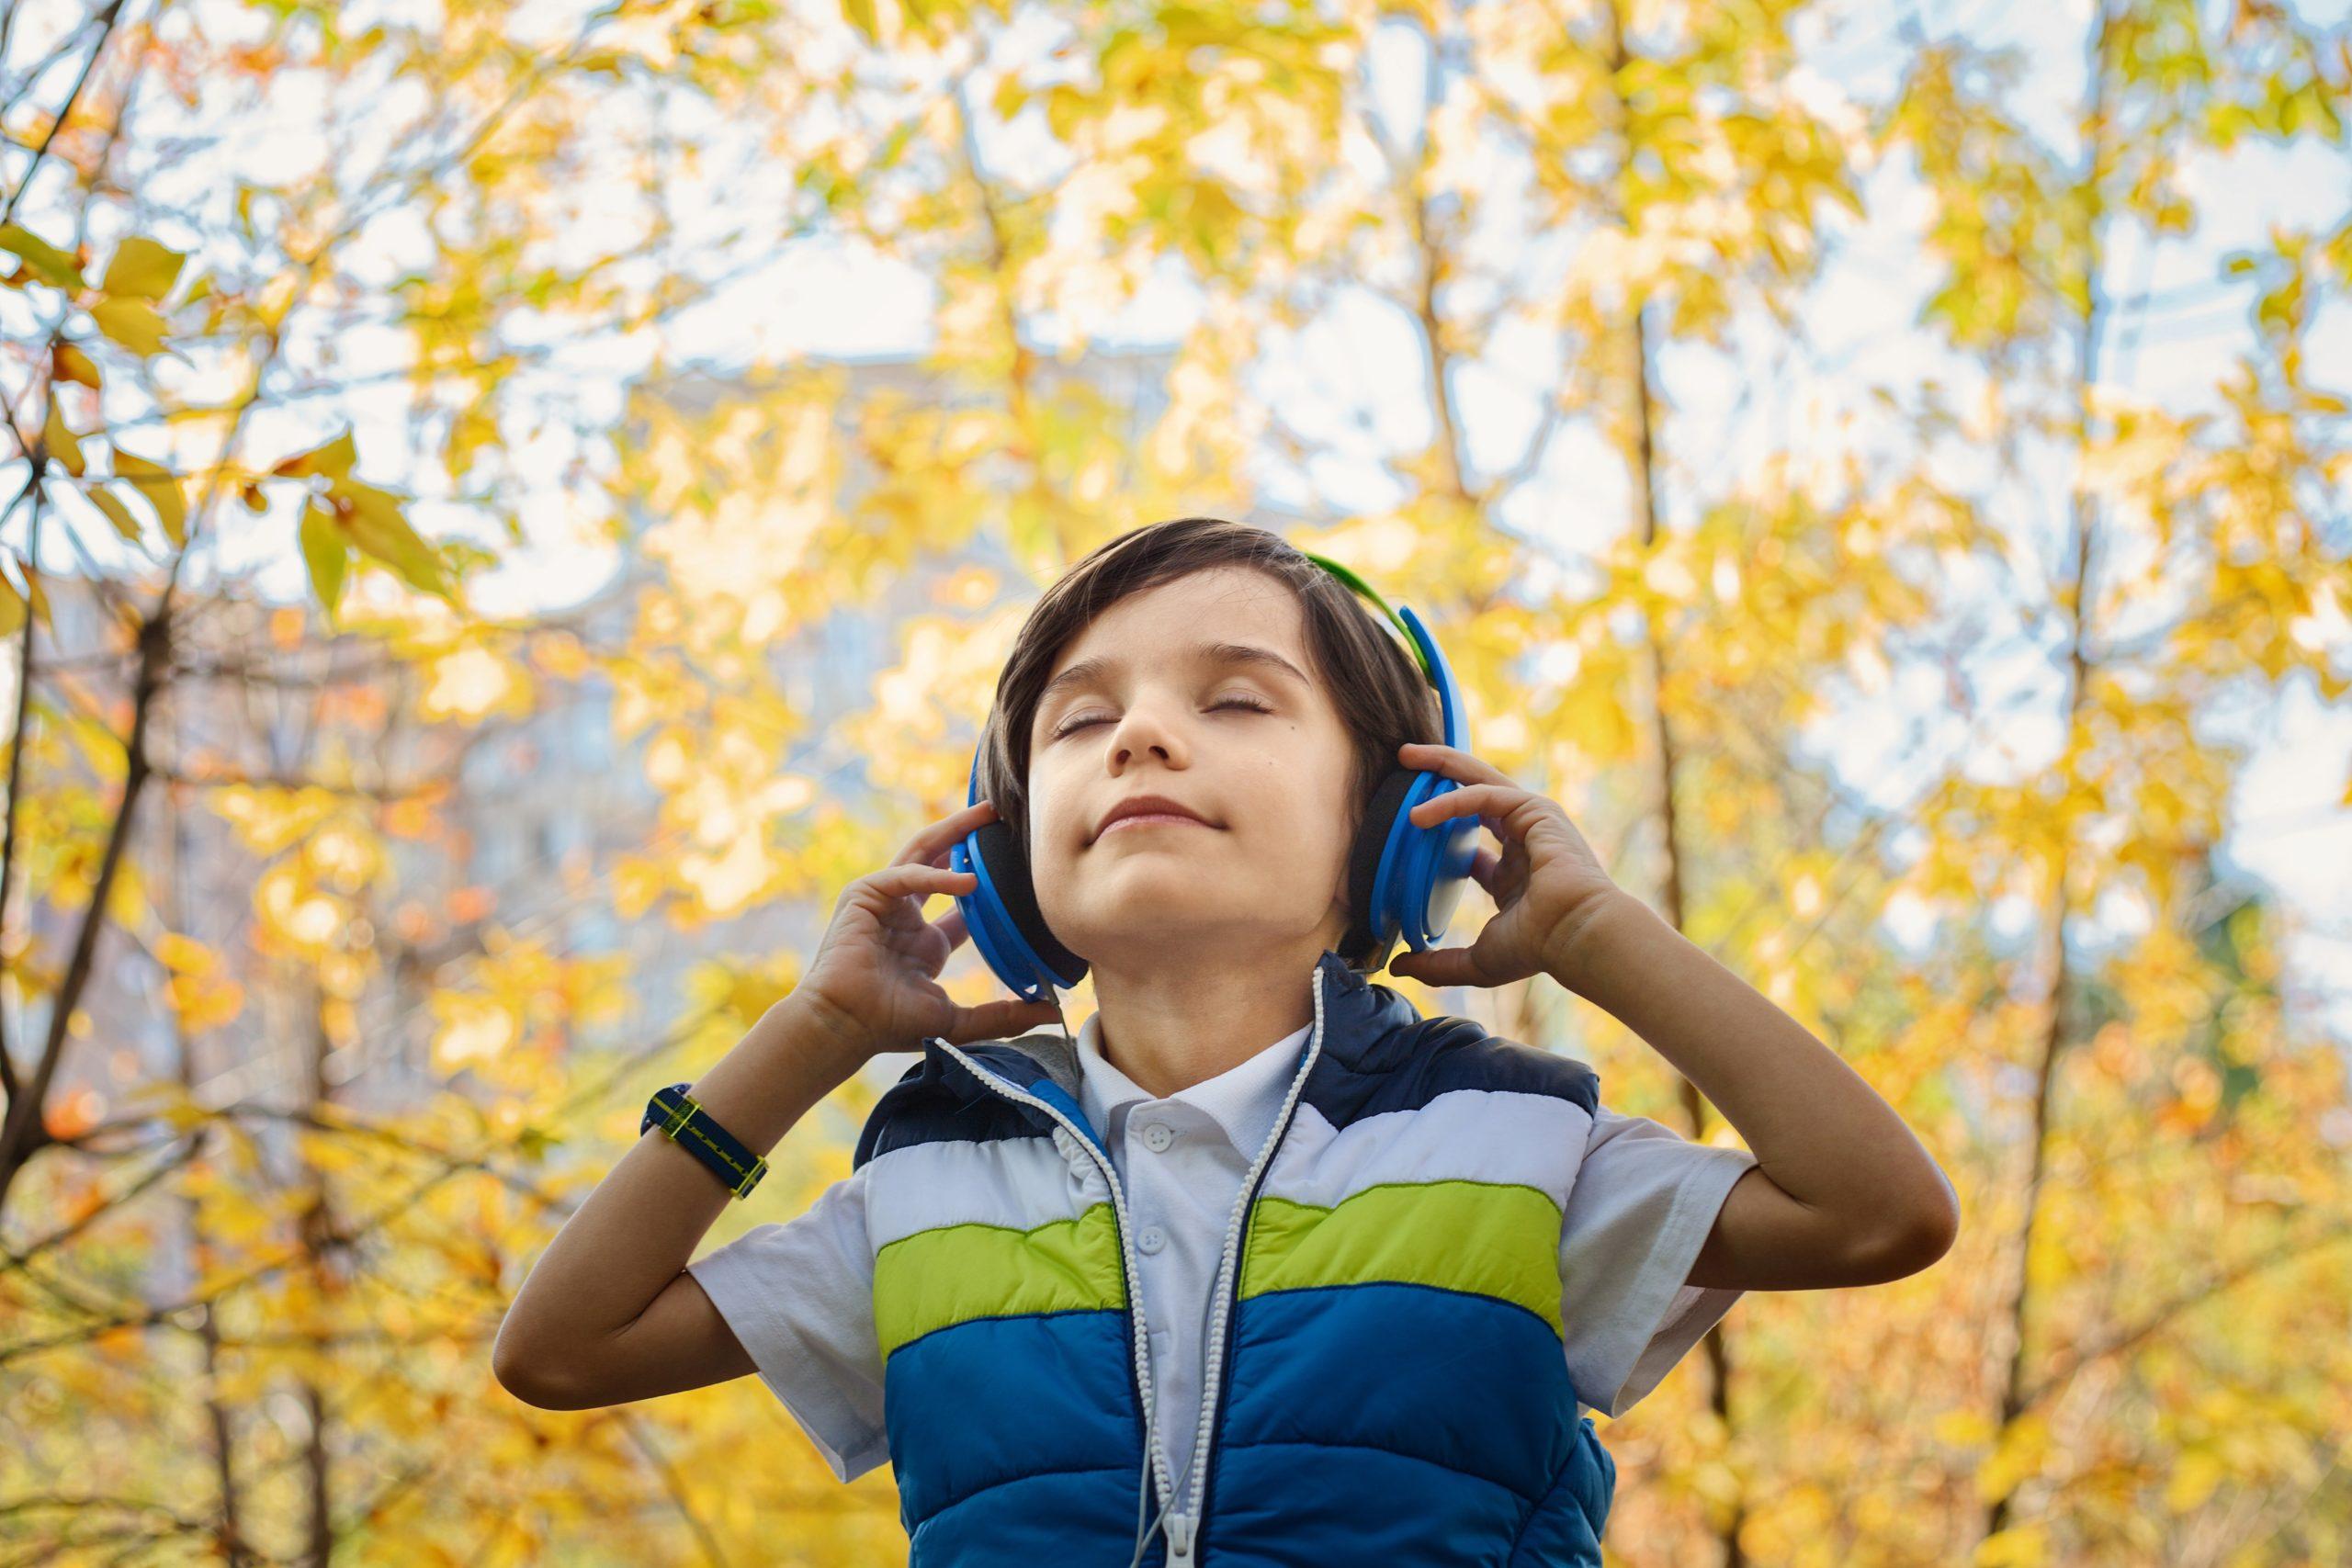 Maria MONTESSORI a mis l'accent dès le plus jeune âge sur le développement des 5 sens dont l'ouïe.